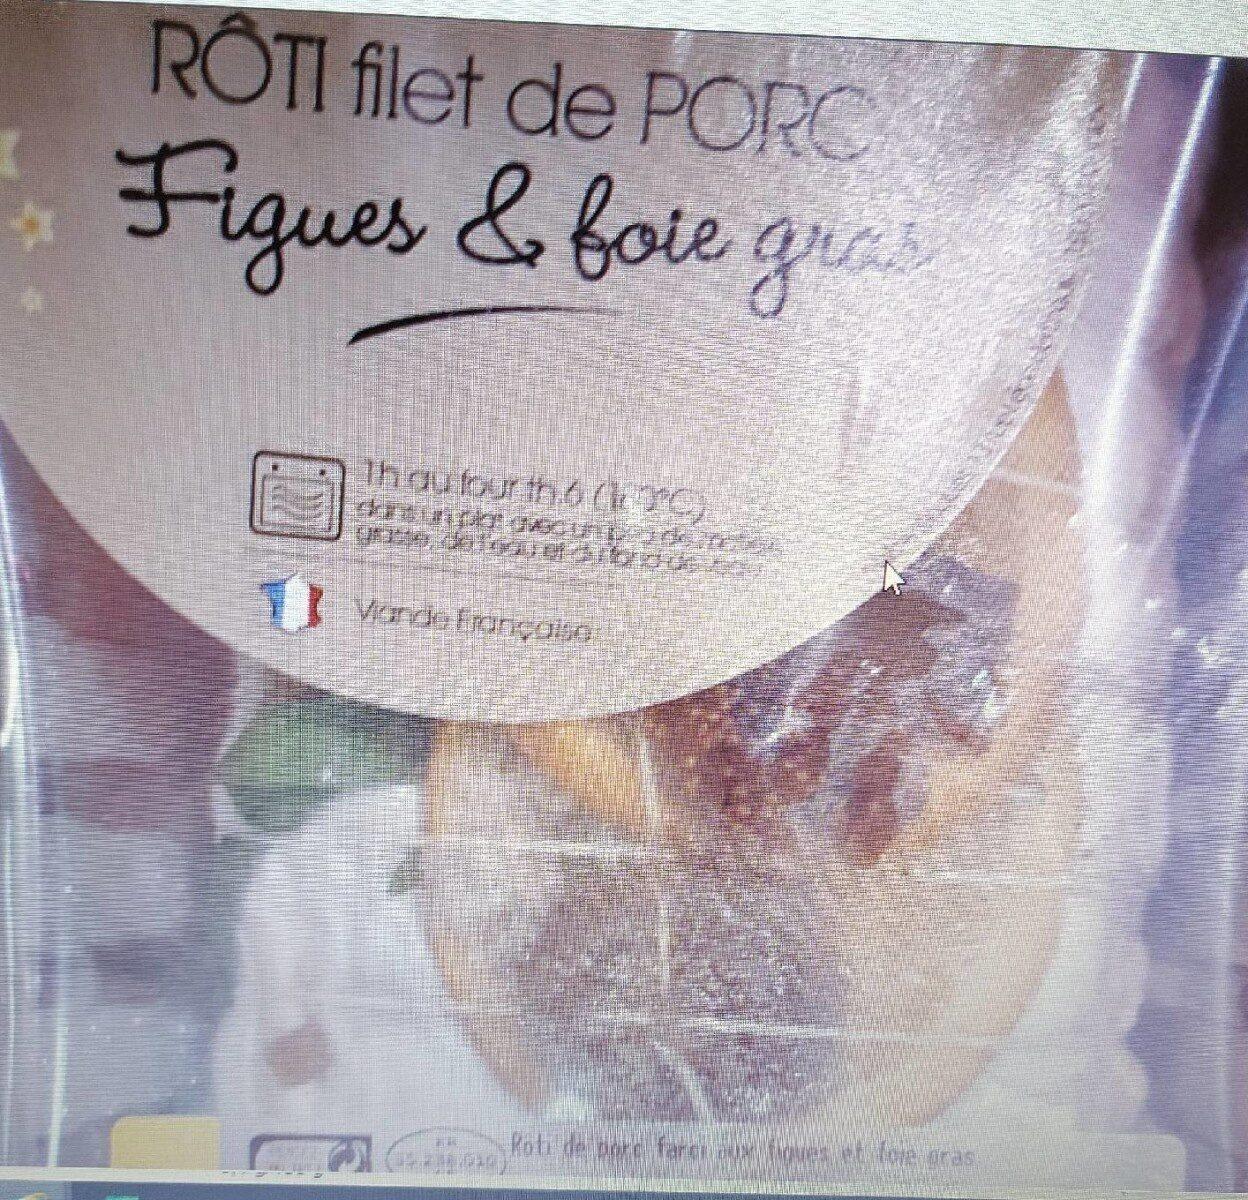 Rôti de porc foie gras figues - Product - fr